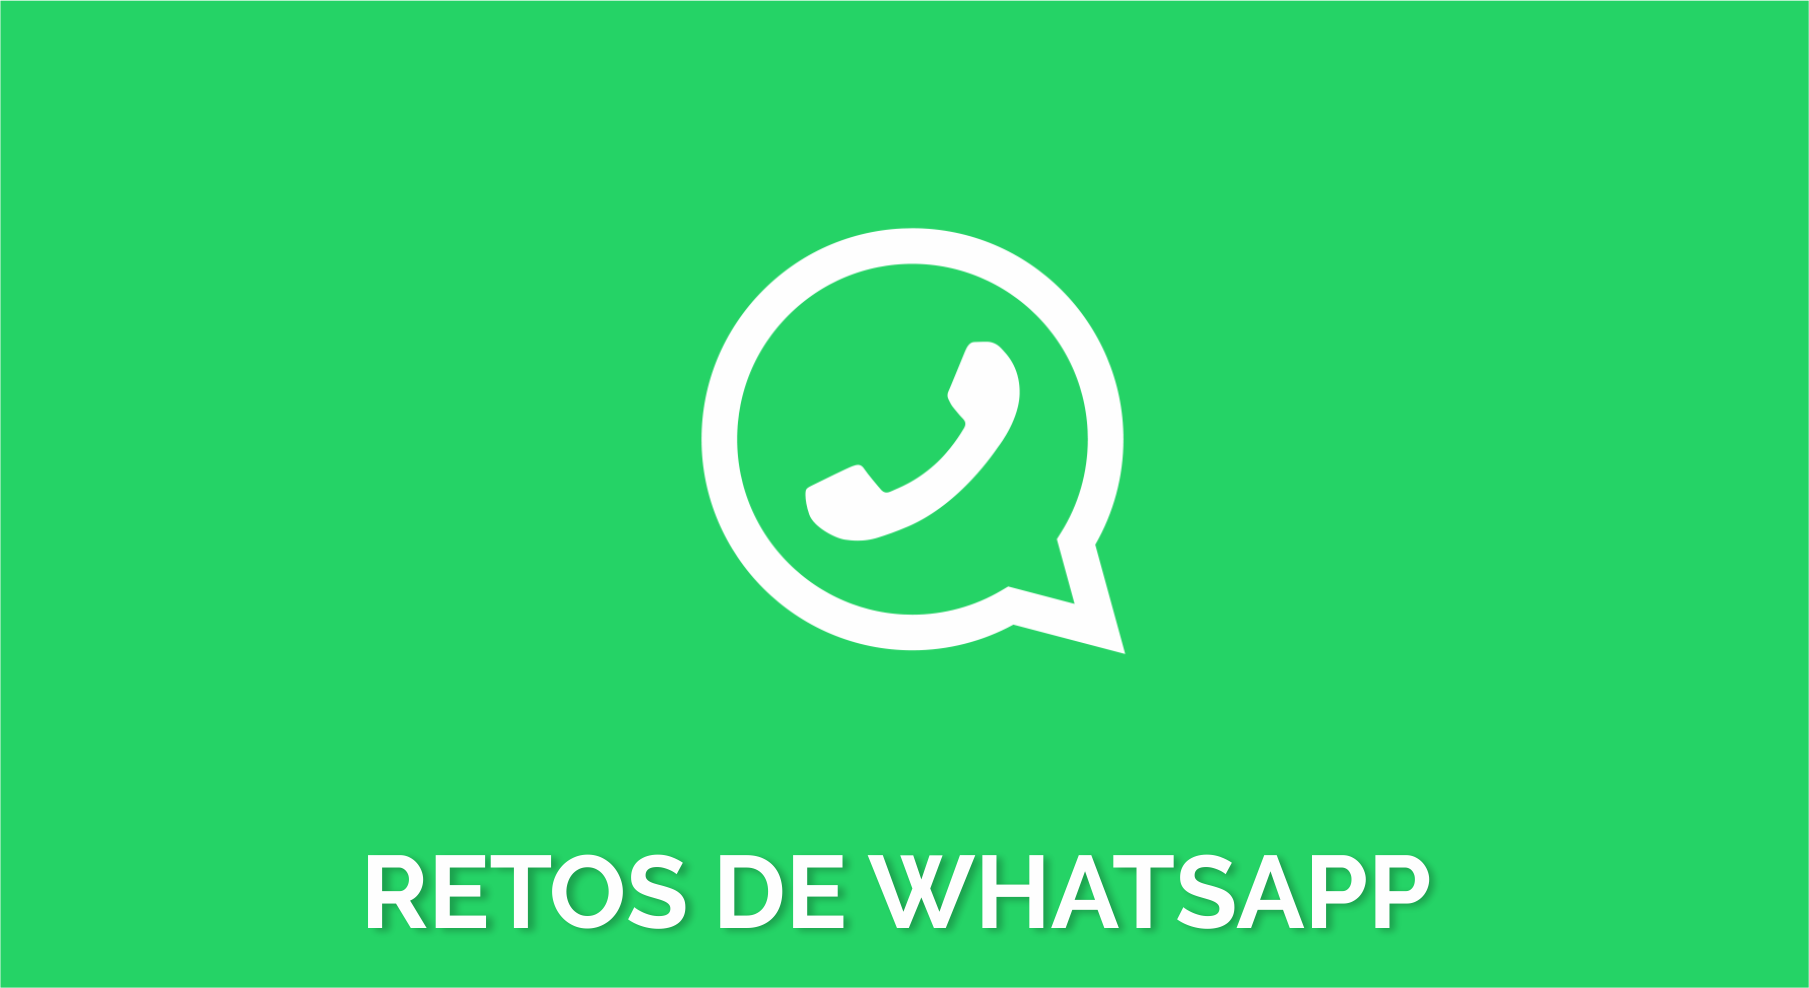 Juegos y retos para WhatsApp – imagen para 2020 – 2021